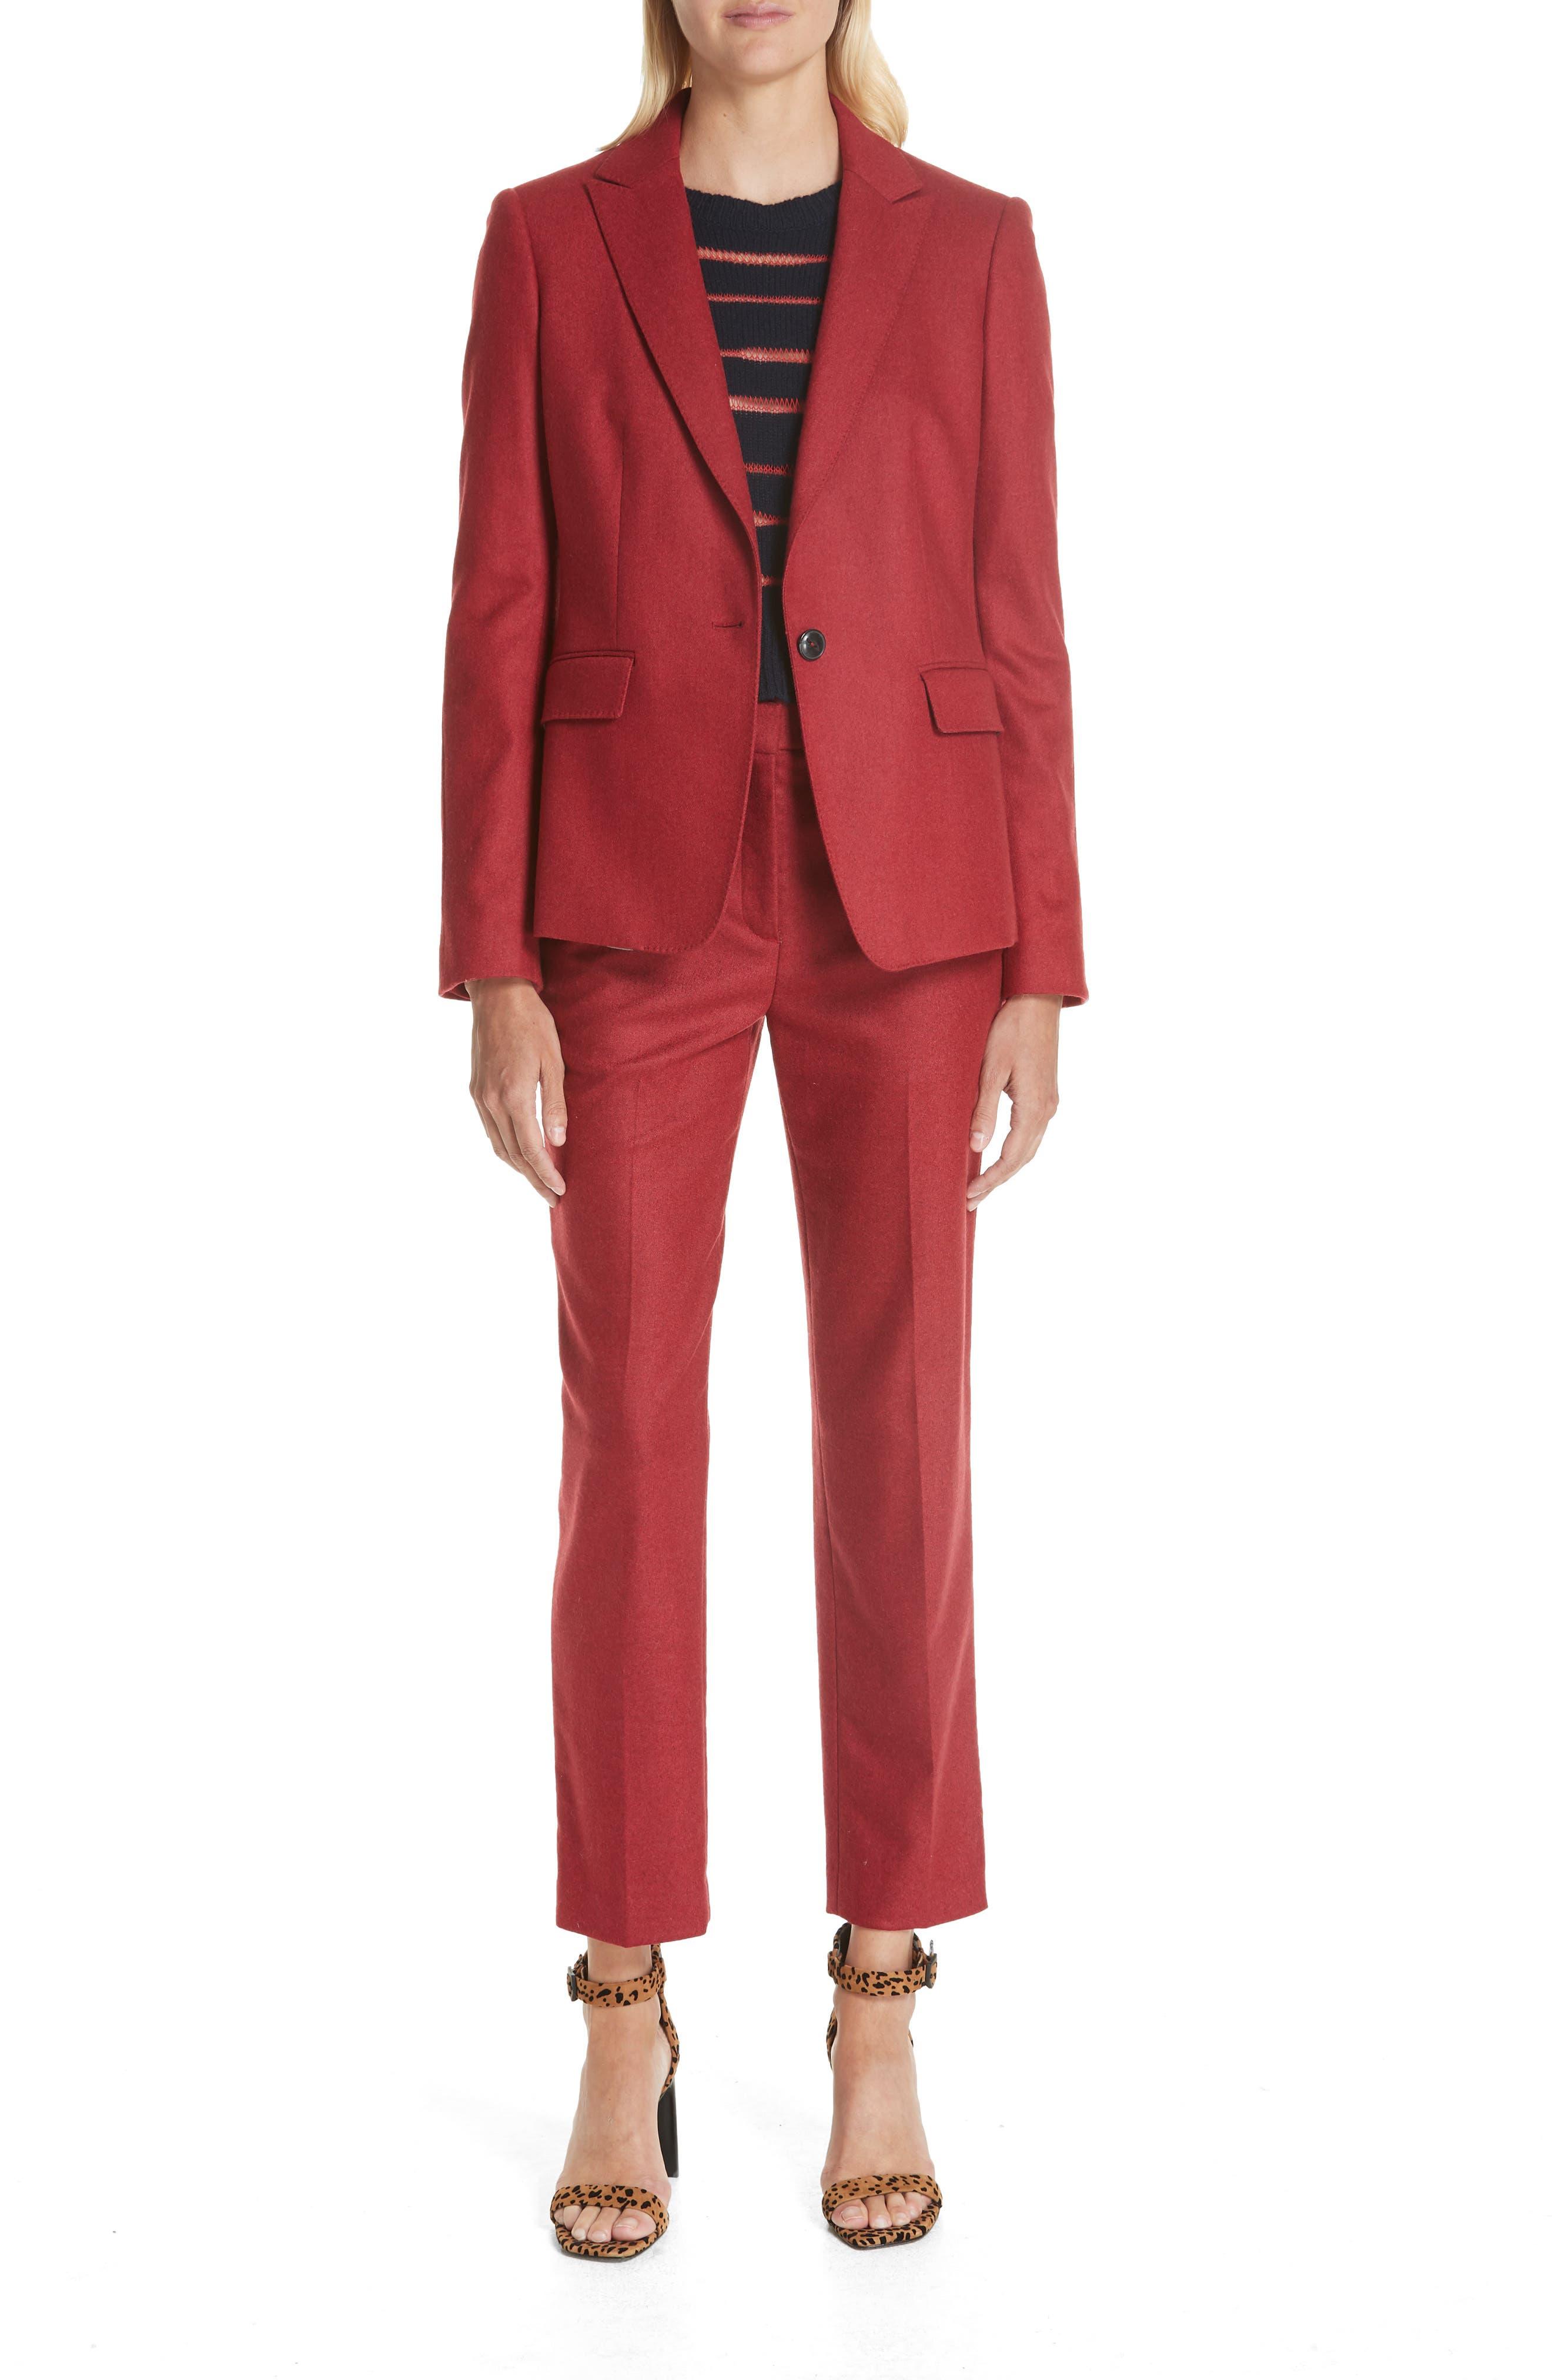 Lexington Wool Blend Blazer,                             Alternate thumbnail 6, color,                             RED MELANGE